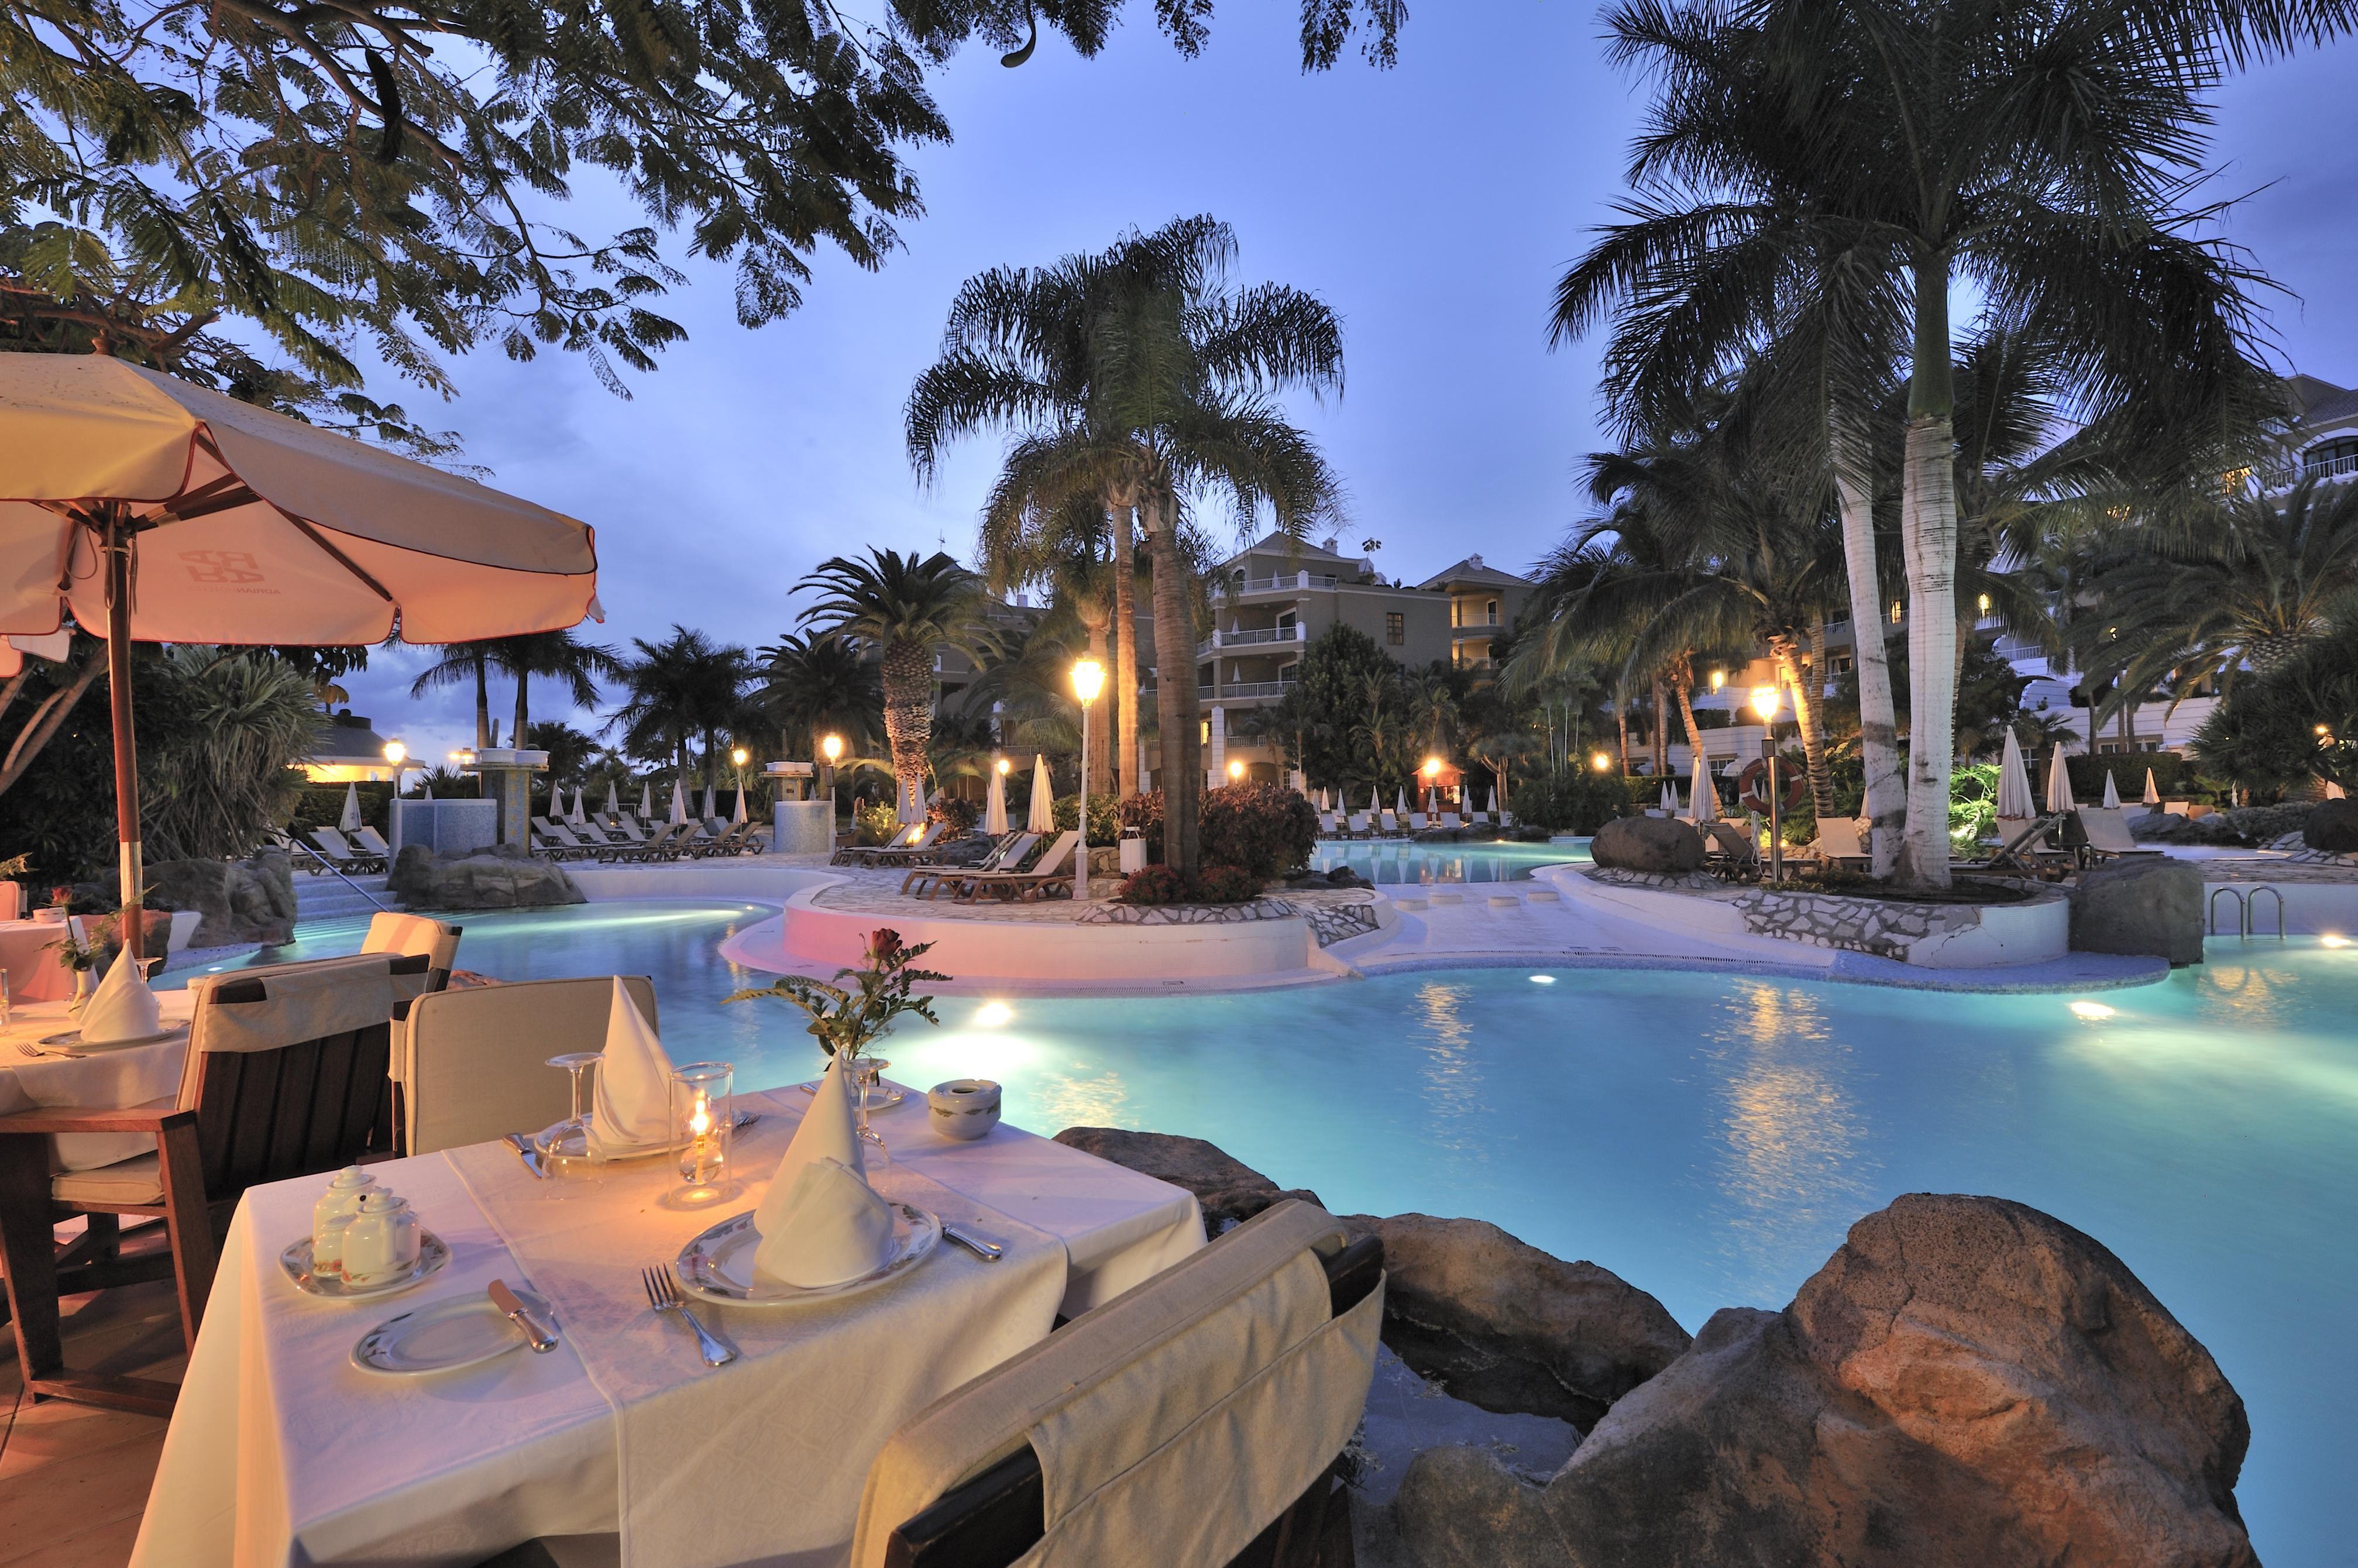 Poolen på Hotell Jardines de Nivaria, Playa de Fanabe Teneriffa